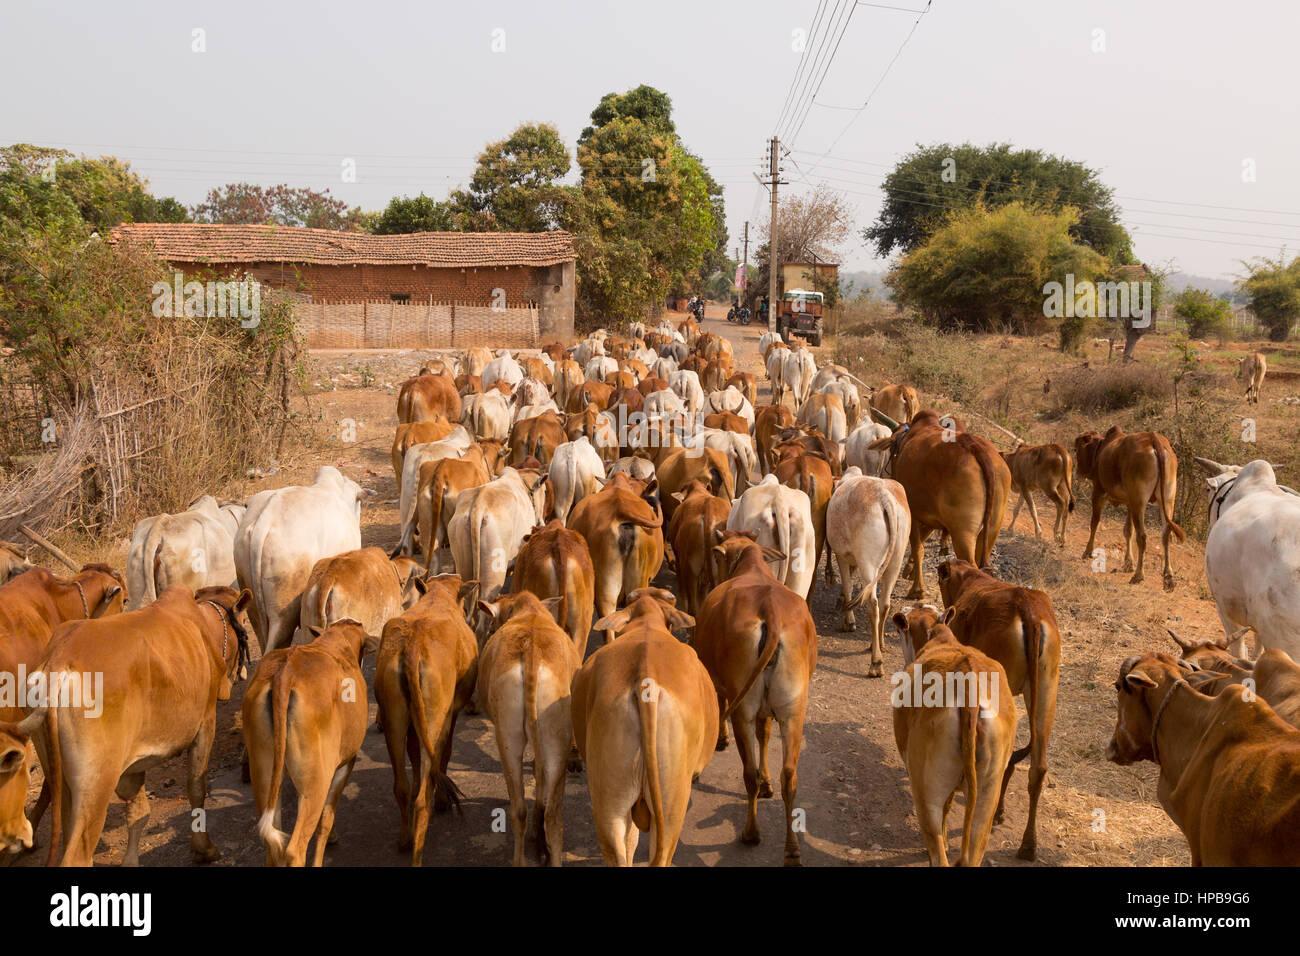 Una mandria di mucche sulla strada in un villaggio indiano, nello Stato del Maharashtra, India, Asia Immagini Stock